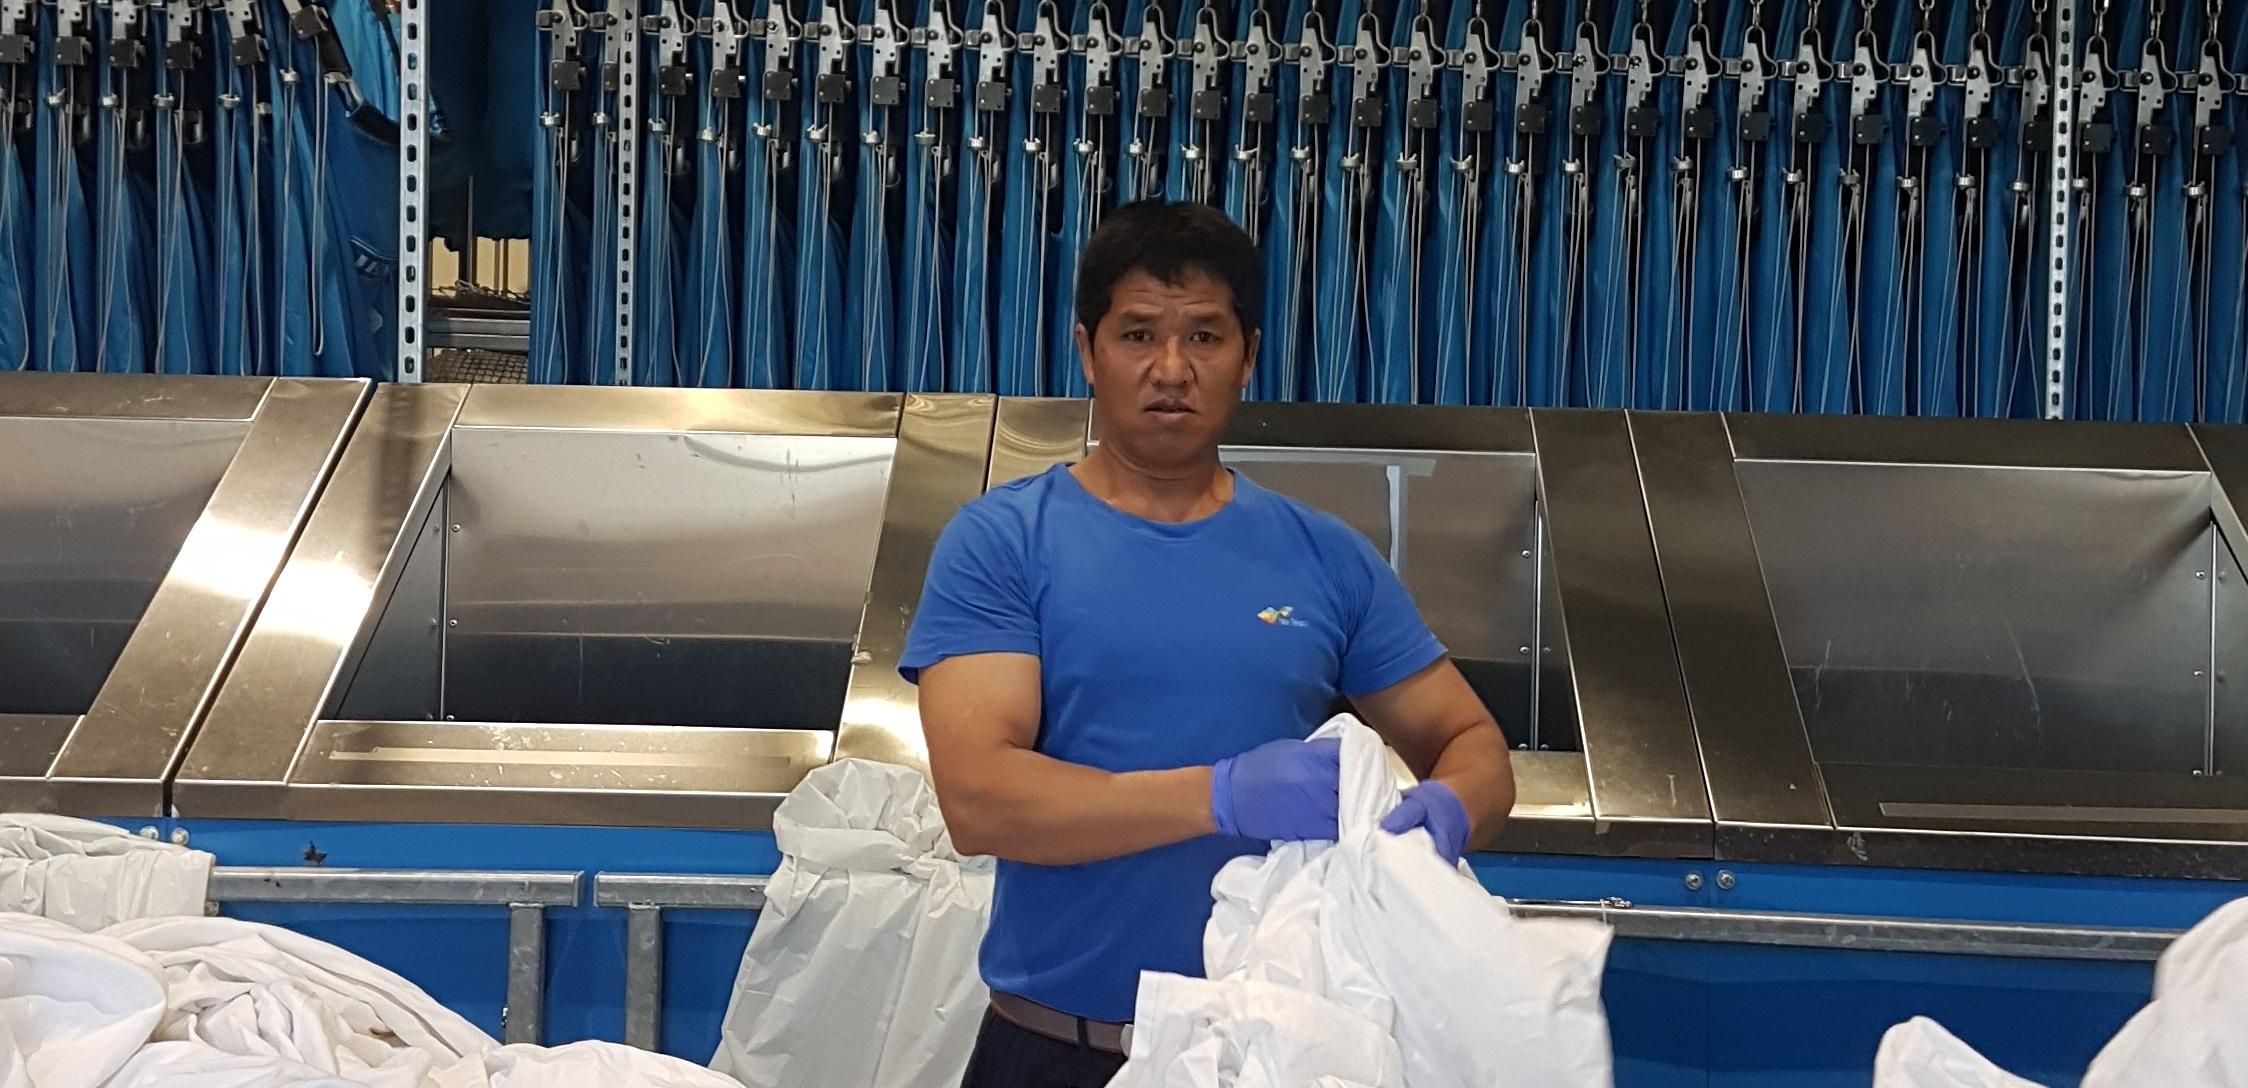 I SITT RETTE ELEMENT: Kyaw Lin Lawning (50) er døv, men det har aldri stoppet han i å gjøre jobben sin for Nor Tekstil avdeling Trondheim. Kommunikasjonsproblemer eksisterer ikke og Kyaw Lin går frem som et forbilde for de andre ansatte.